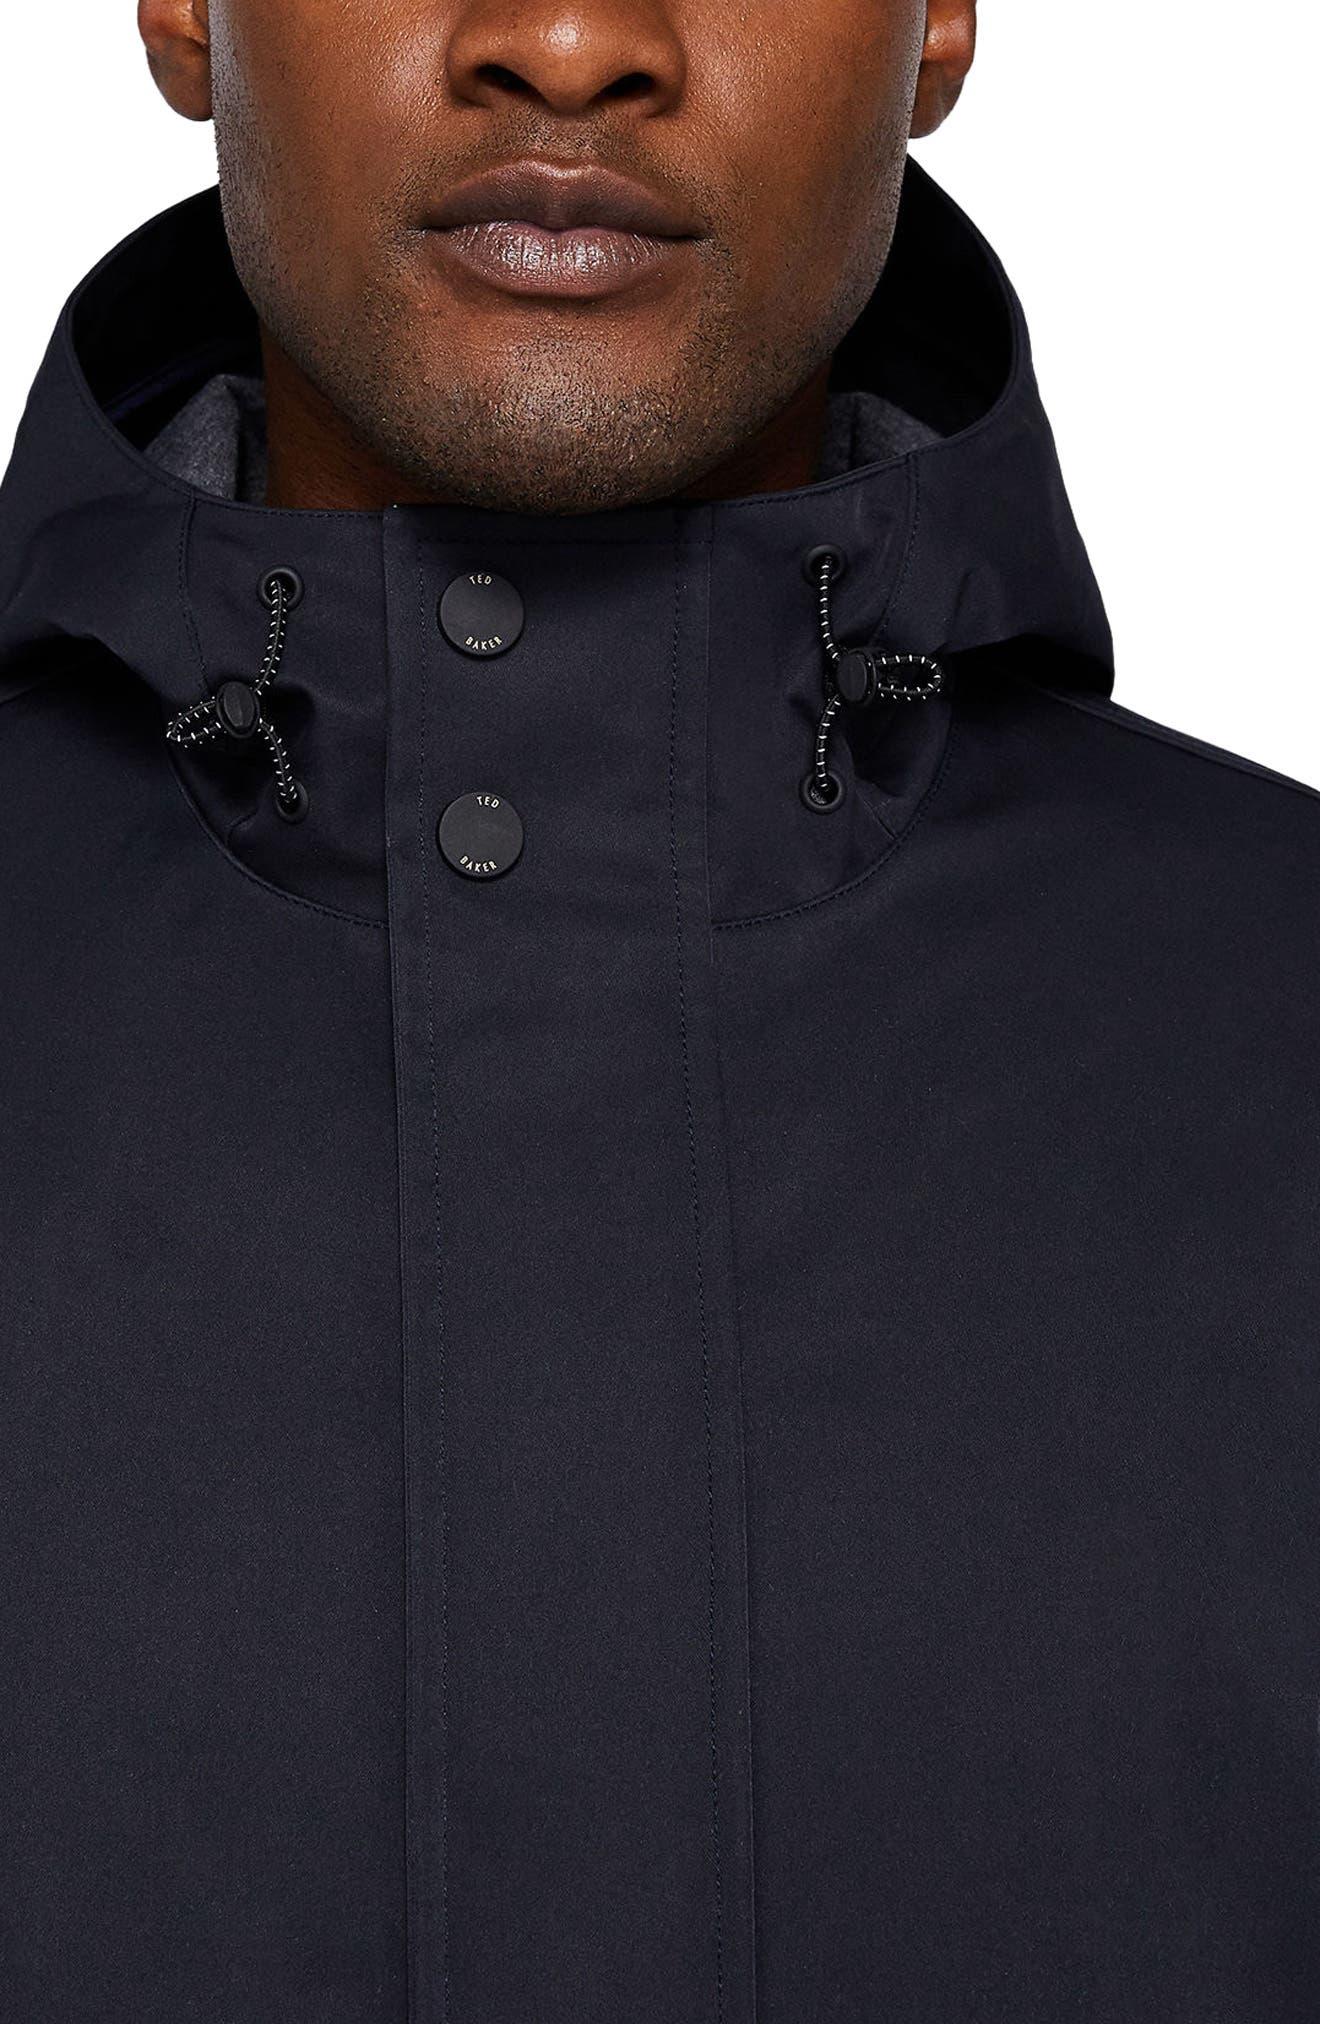 Vernett Hooded Jacket,                             Alternate thumbnail 3, color,                             410